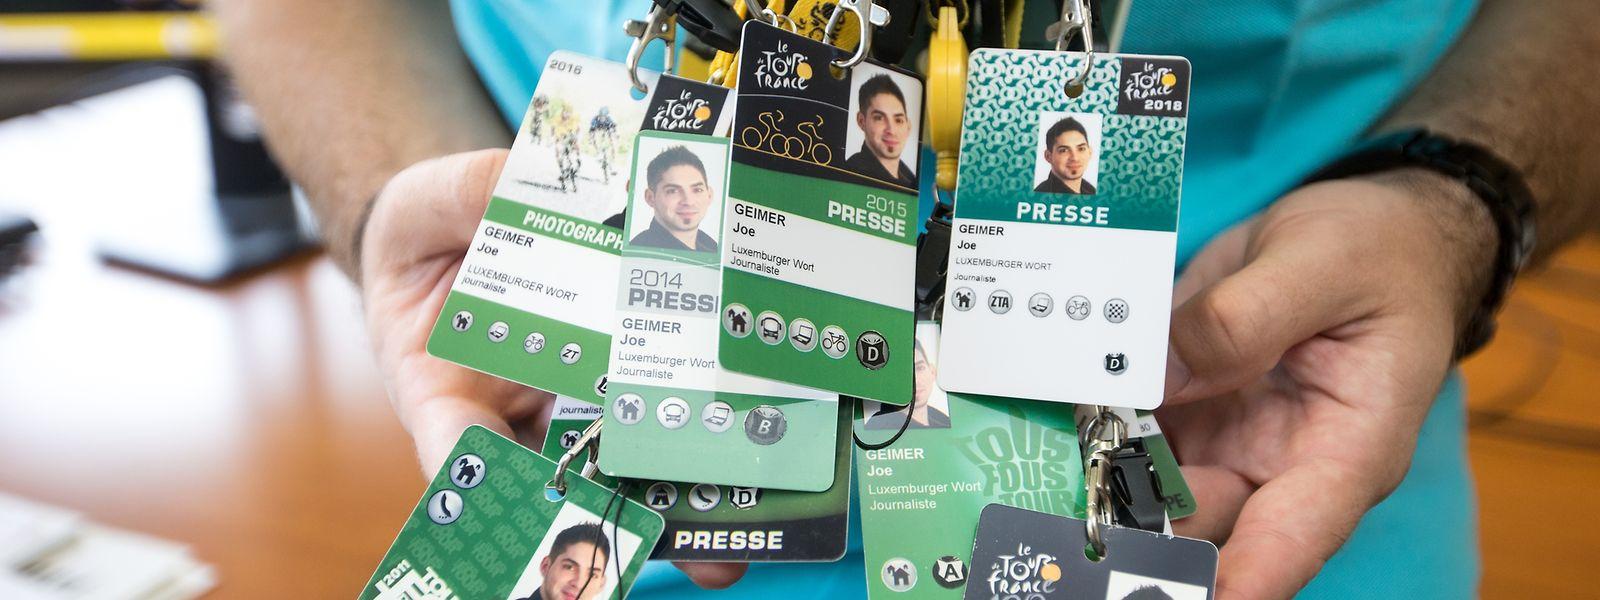 Zeugnisse vieler Stunden, die auf den Straßen Frankreichs verbracht wurden: Joe Geimer mit den Presseakkreditierungen seiner zwölf Frankreich-Rundfahrten.